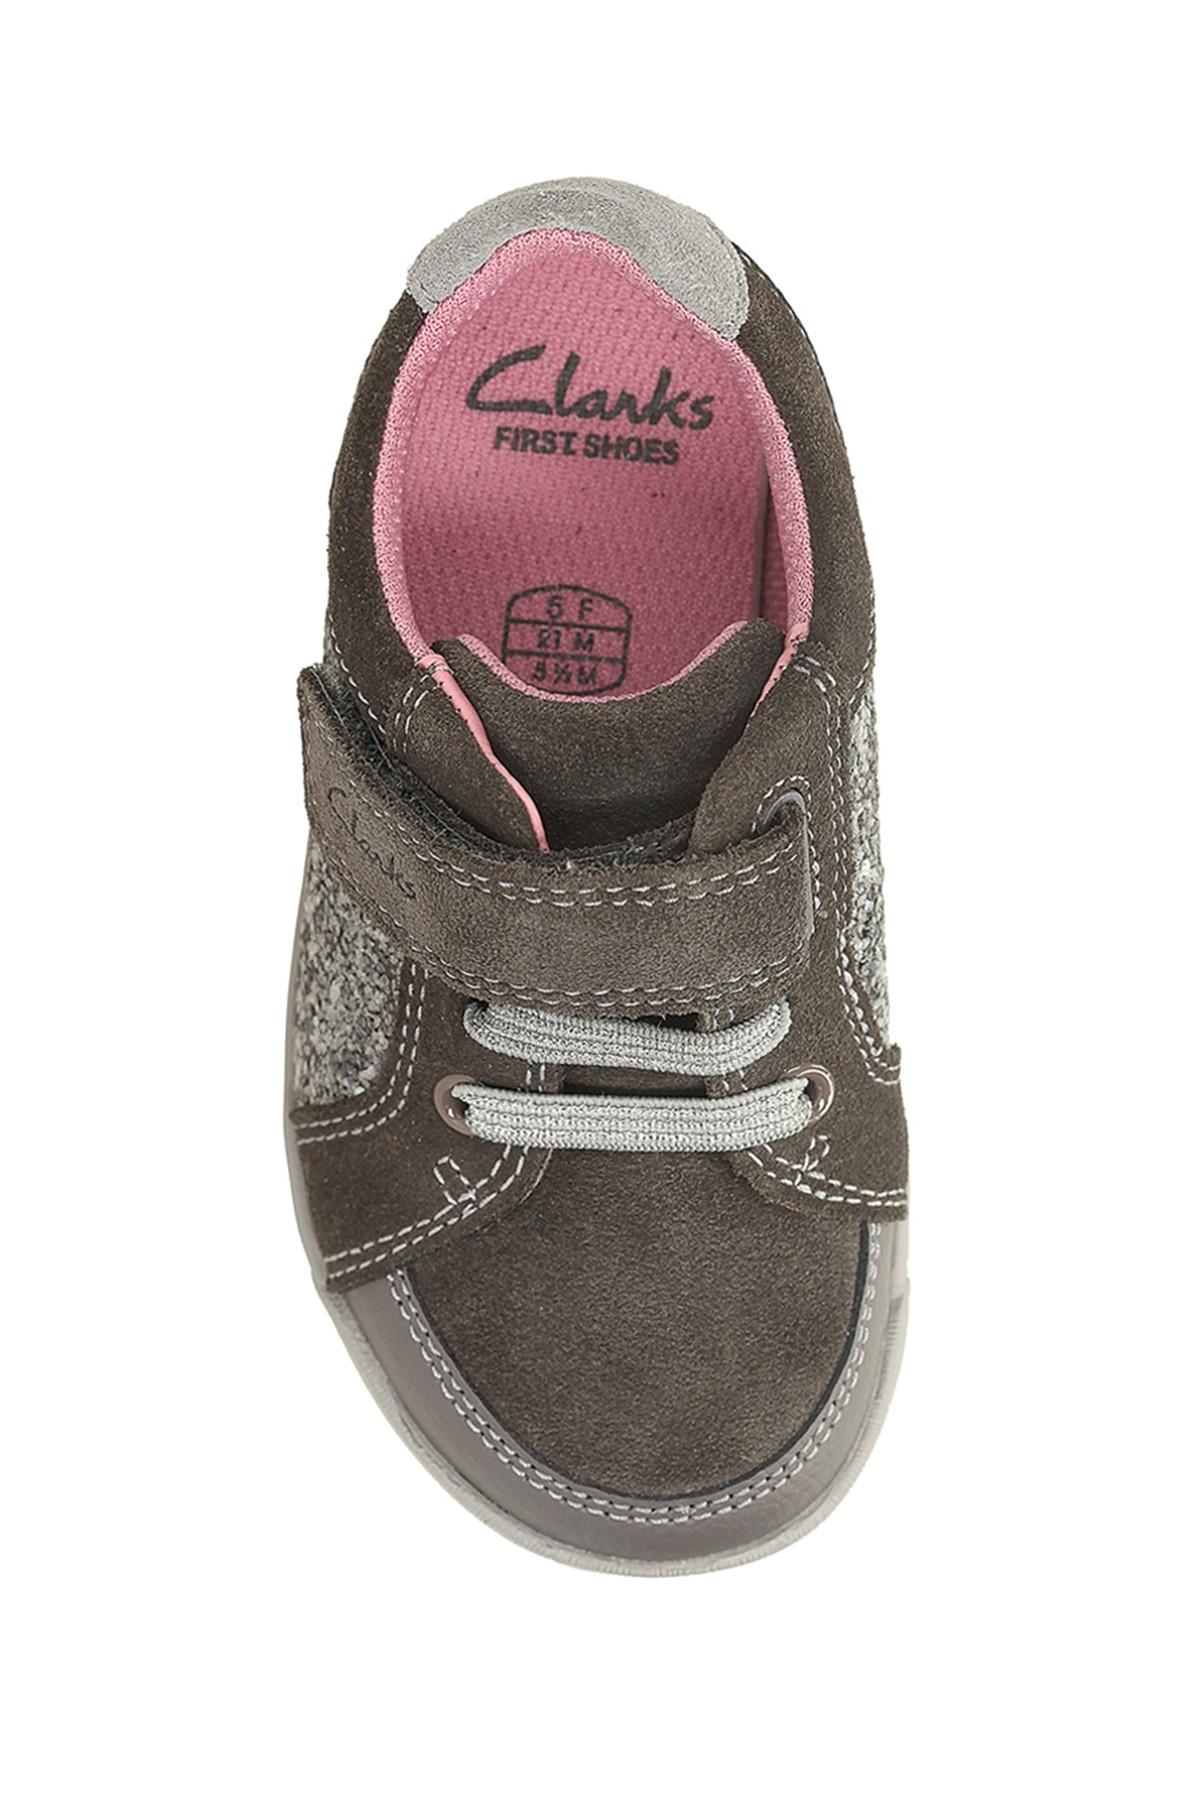 CLARKS Hakiki Deri Çocuk Ayakkabı 261102548 2